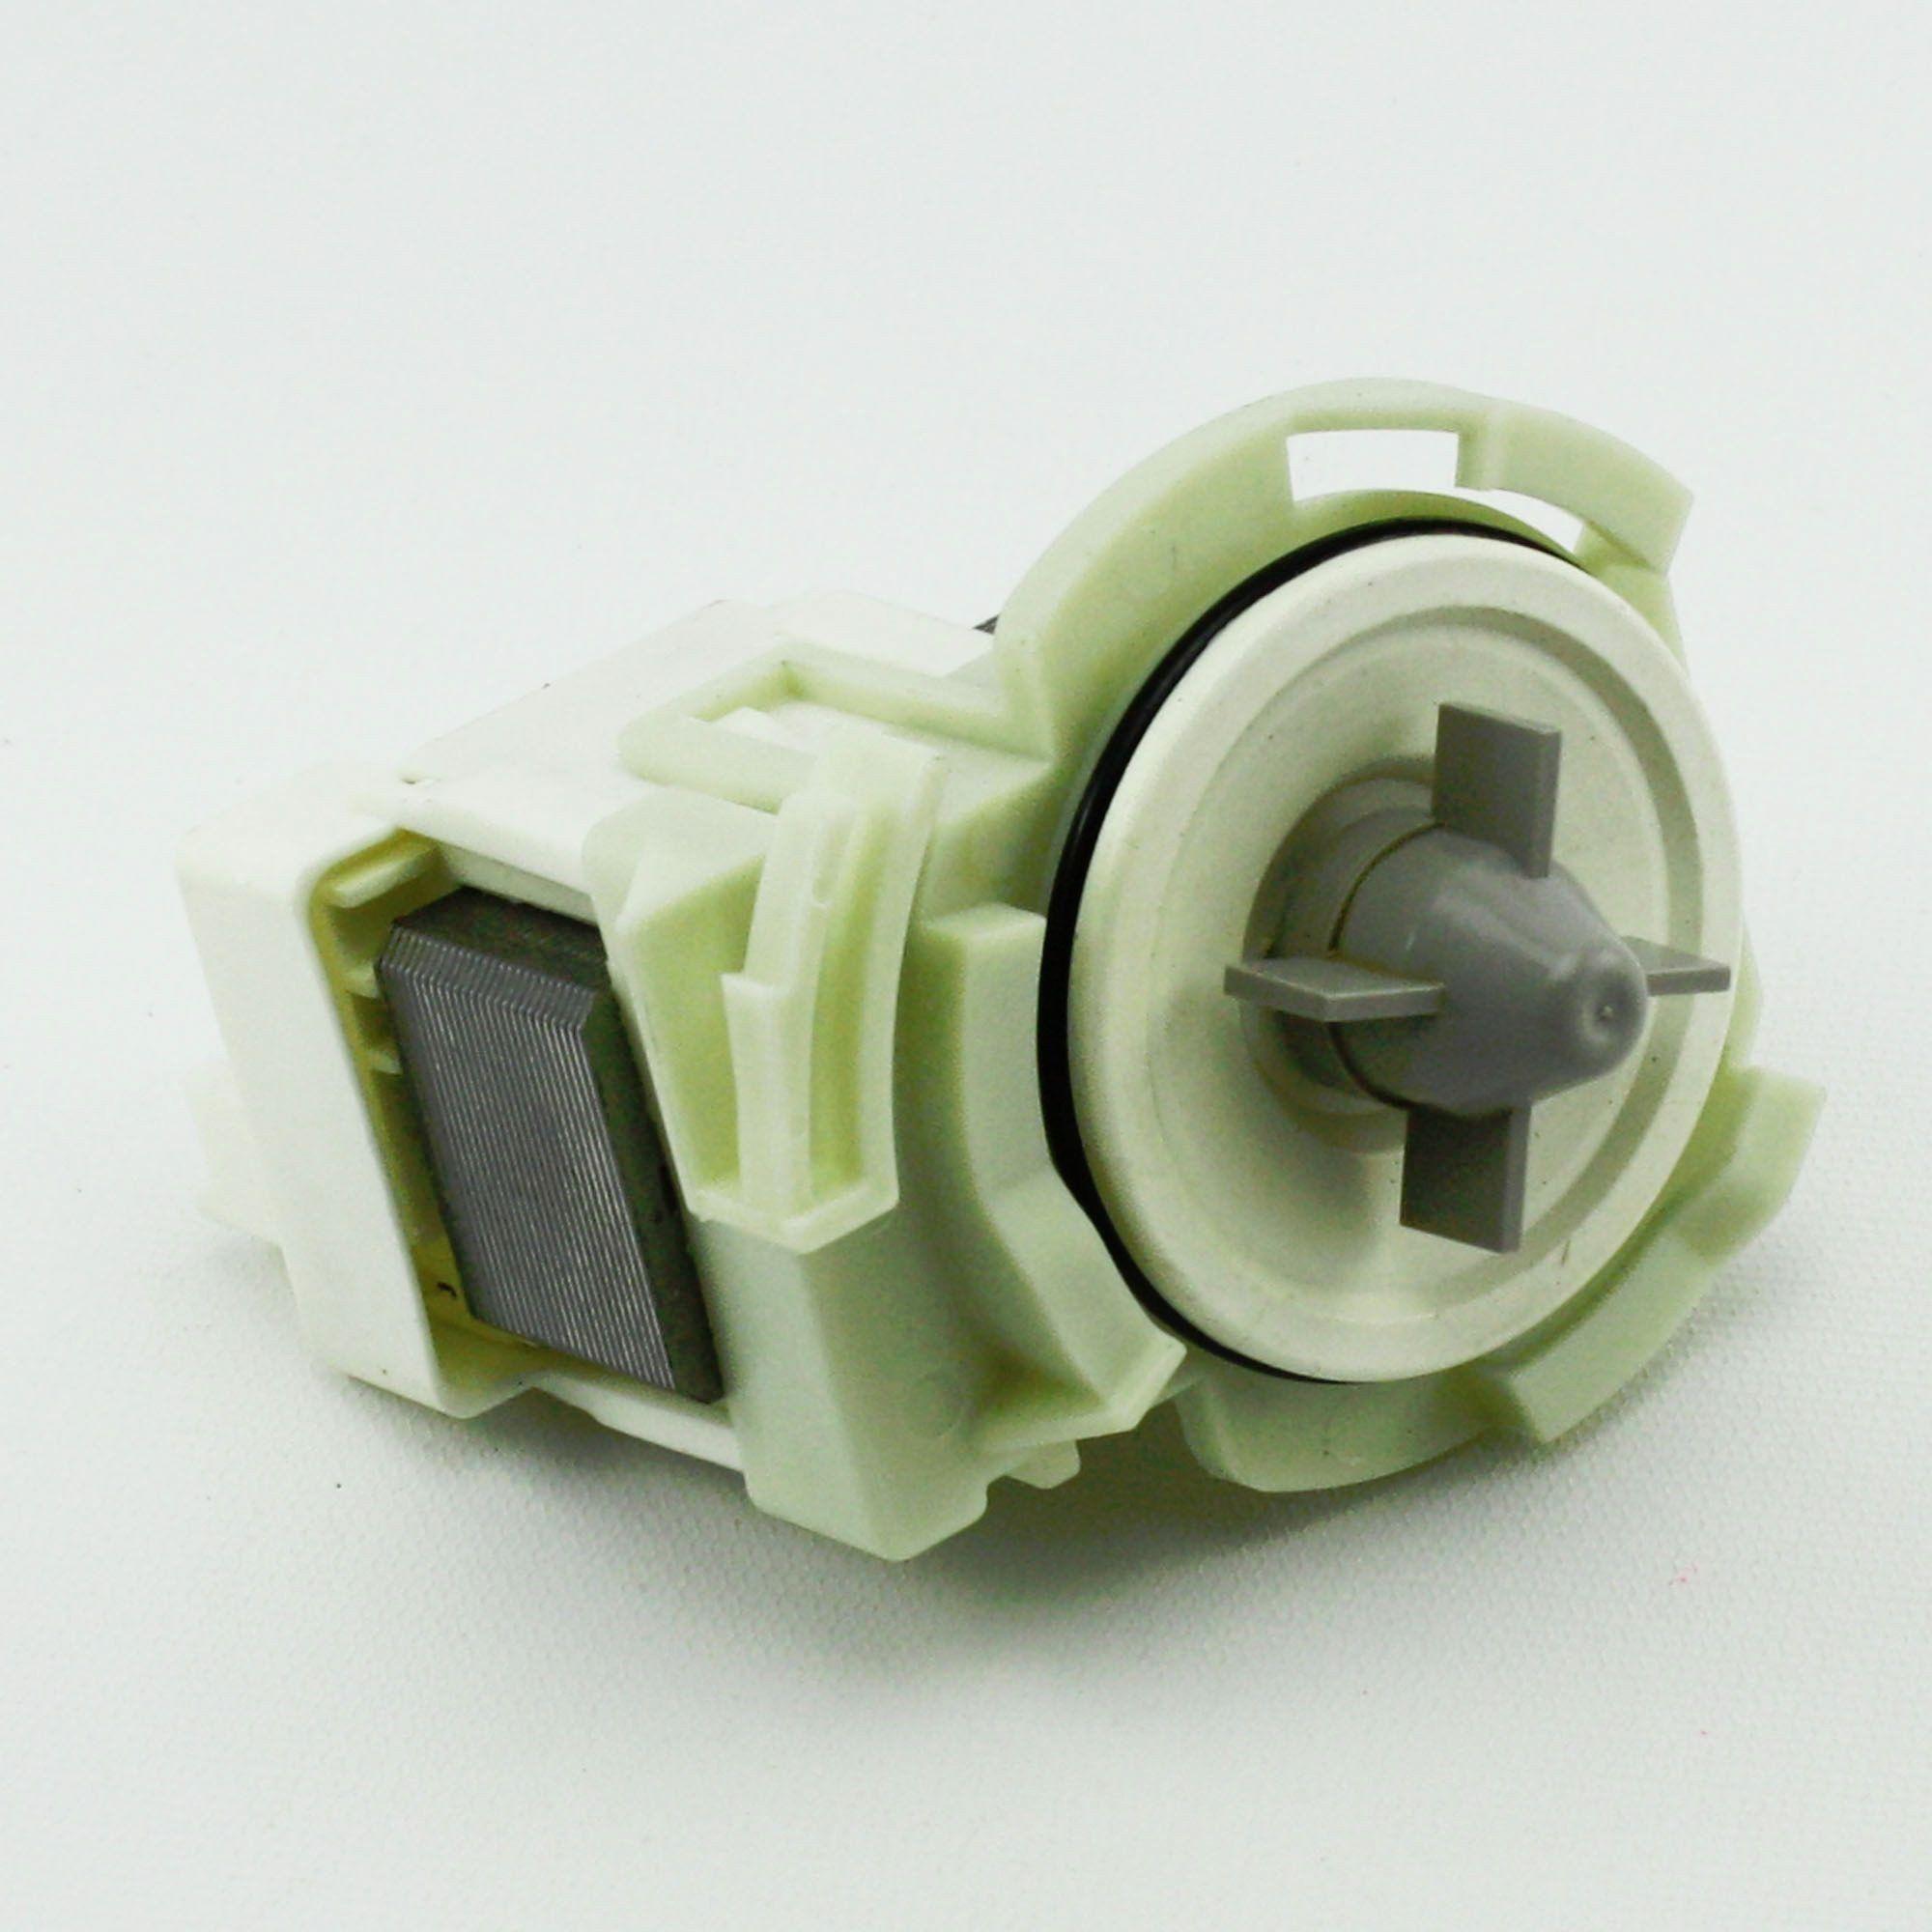 Erw10348269 for 8558995 w10348269 dishwasher drain pump